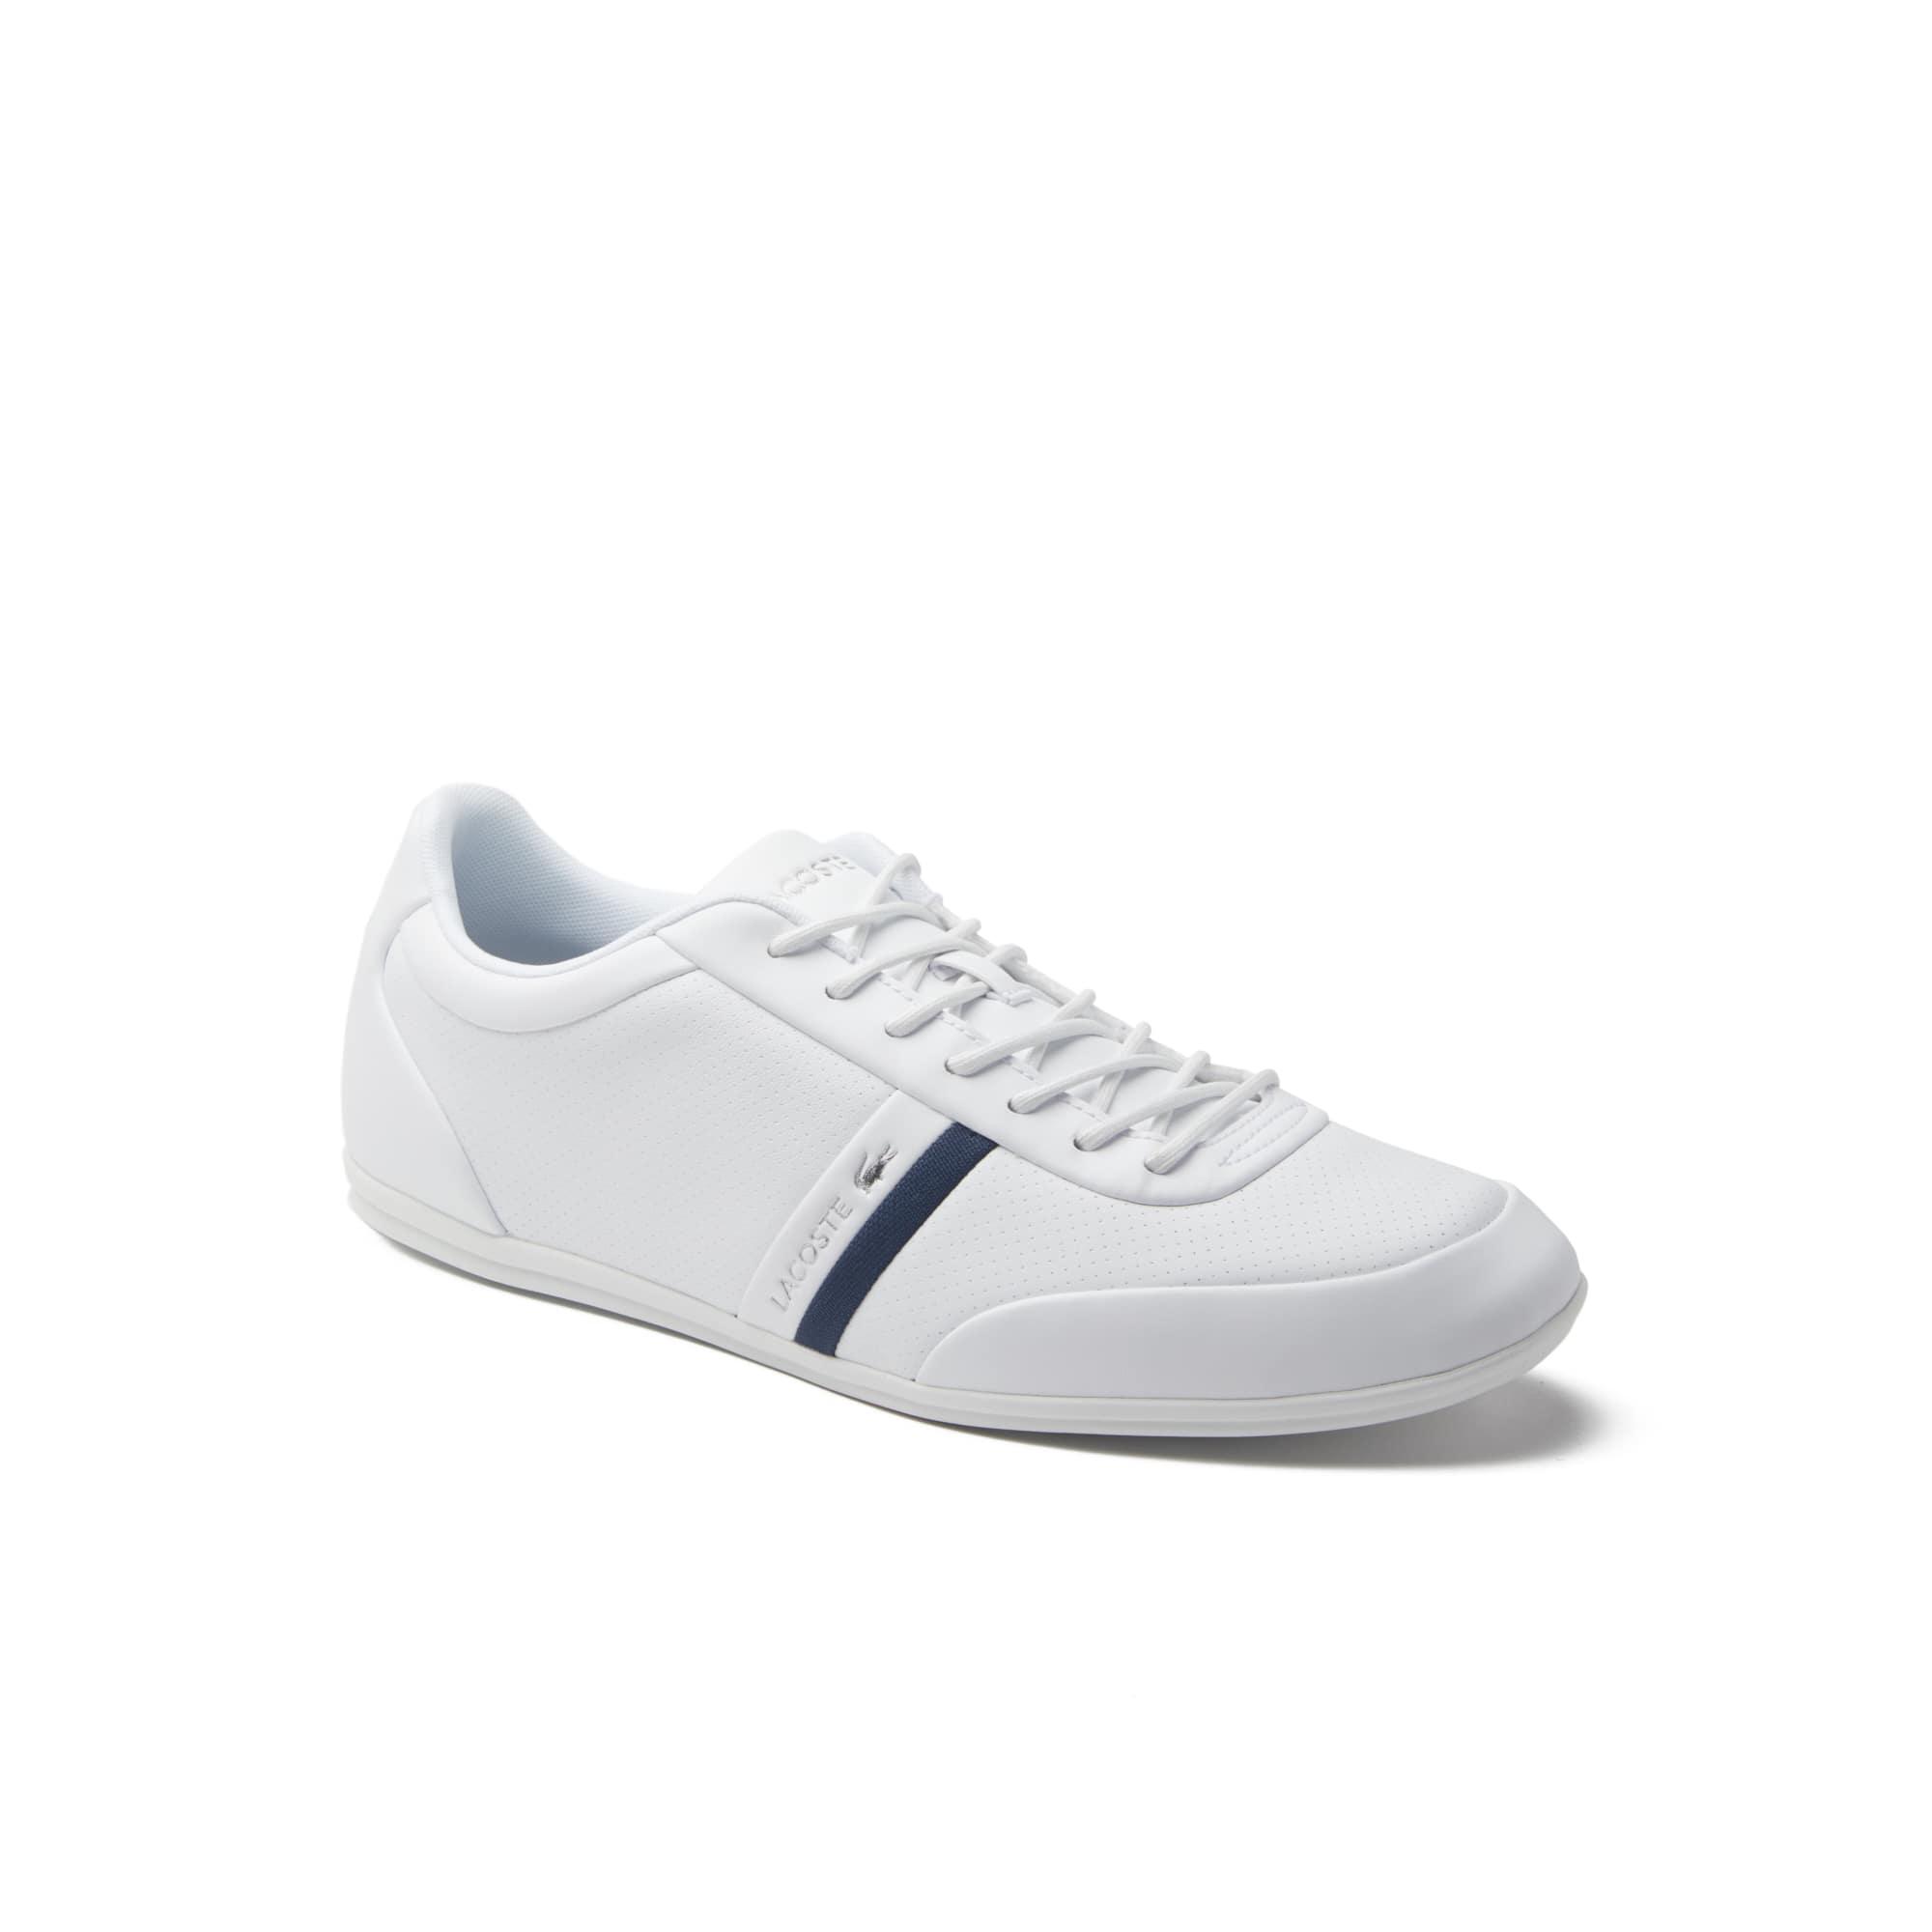 95ab6e7c2f625 Men s Storda Sneaker